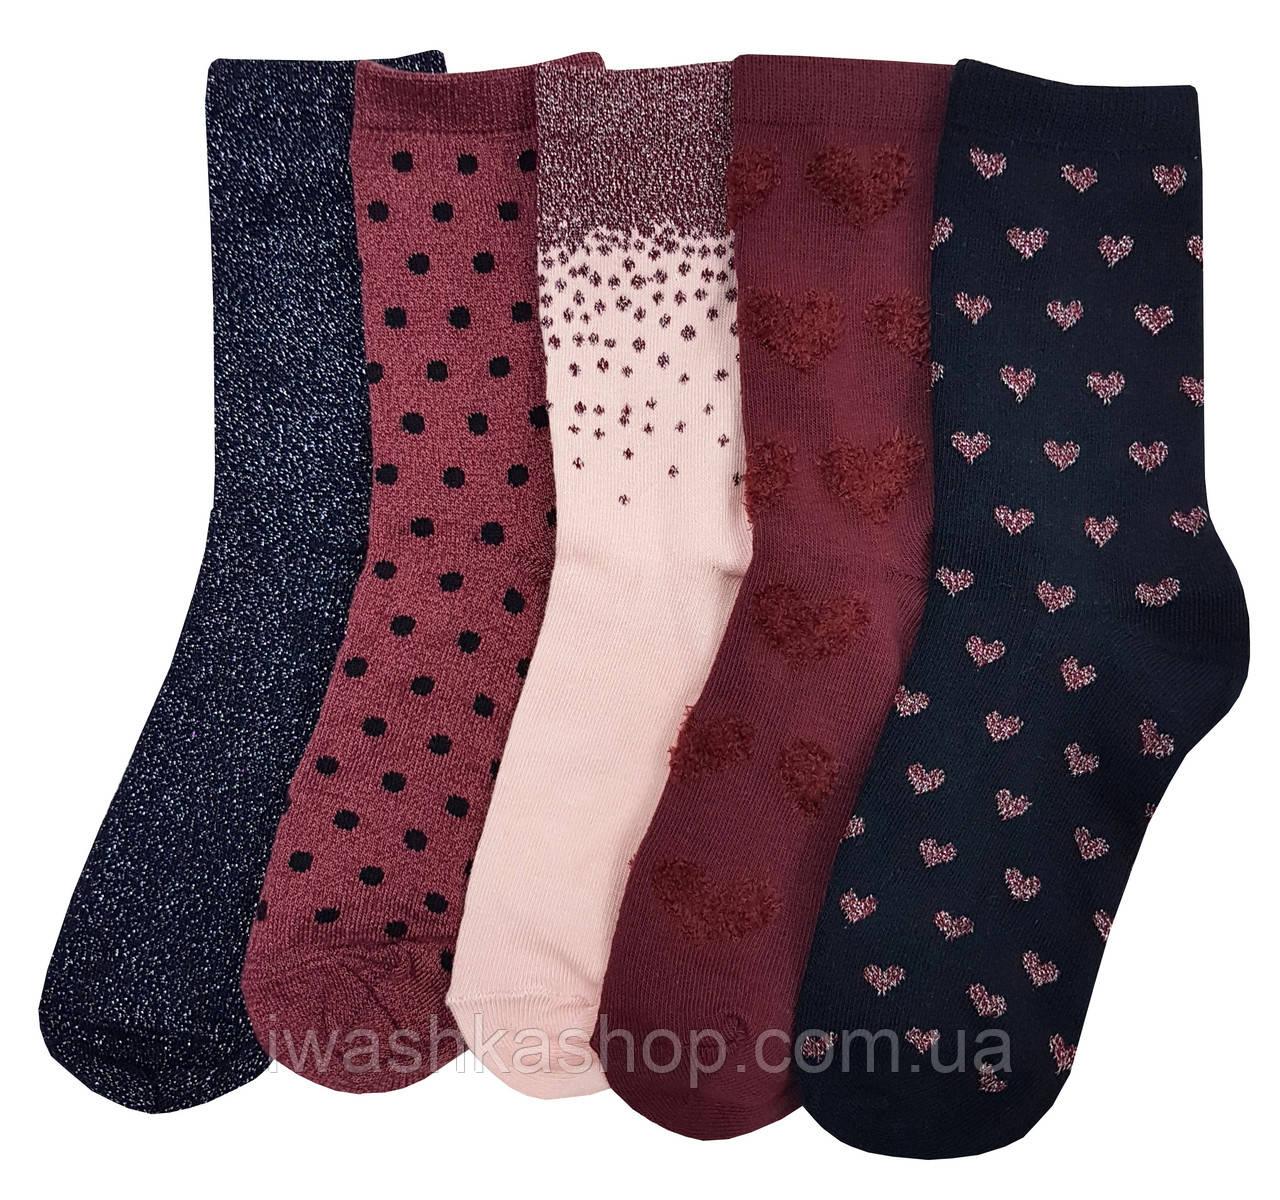 Стильные носки с люрексом на девочек от 11 лет, р. 37 - 38.5, Primark